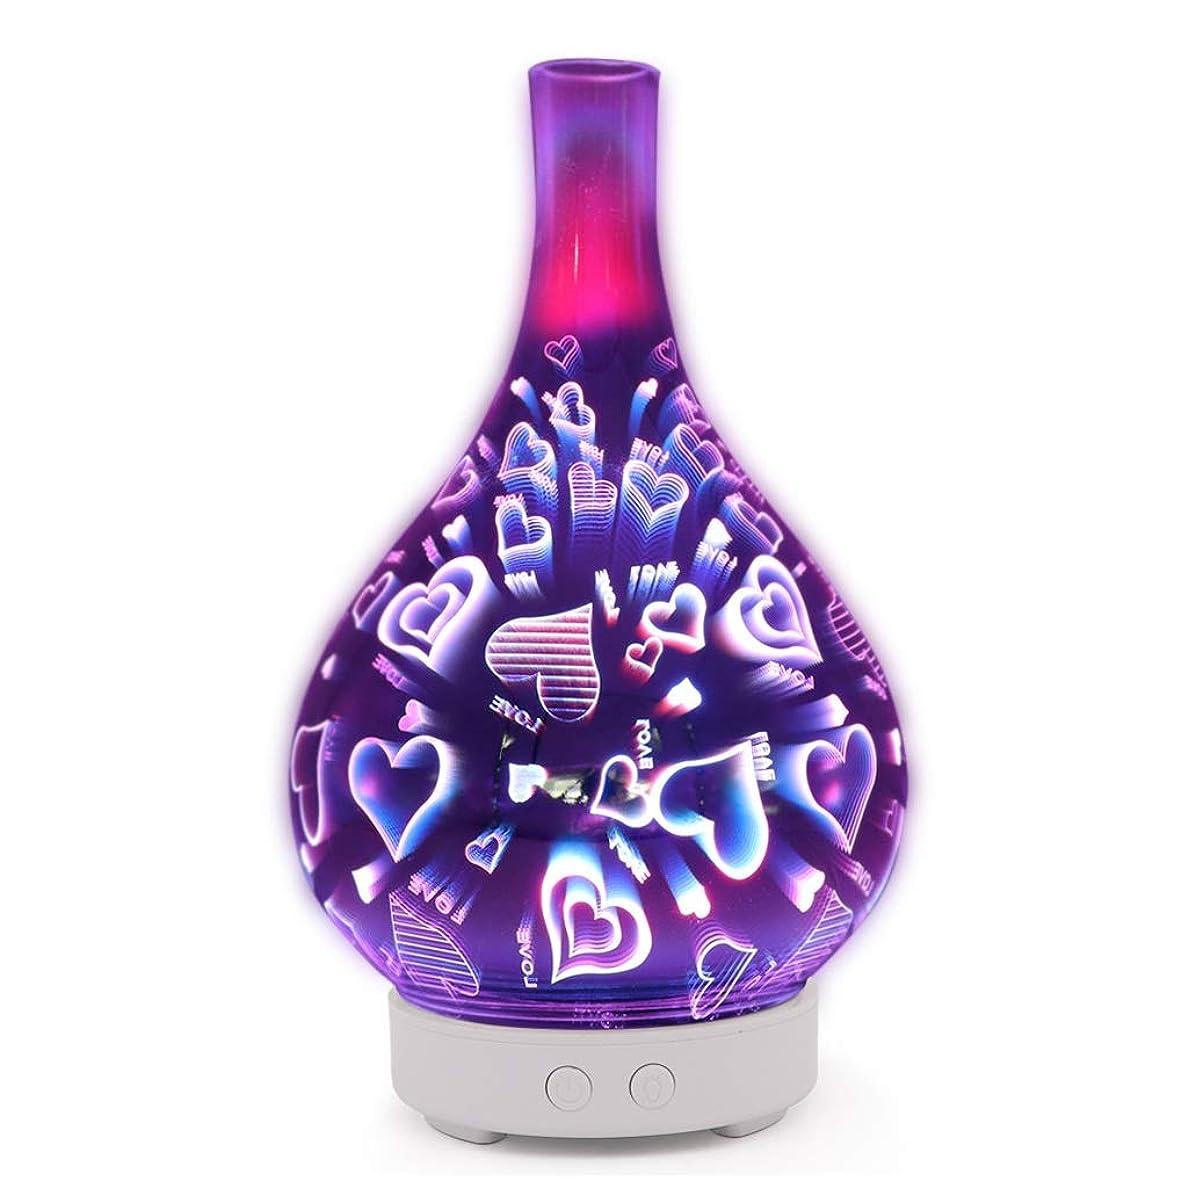 ナイロン横向き法的すばらしいLEDライト、便利な自動操業停止および大きい水漕が付いている3Dガラスギャラクシー優れた超音波加湿器 (Color : Love)